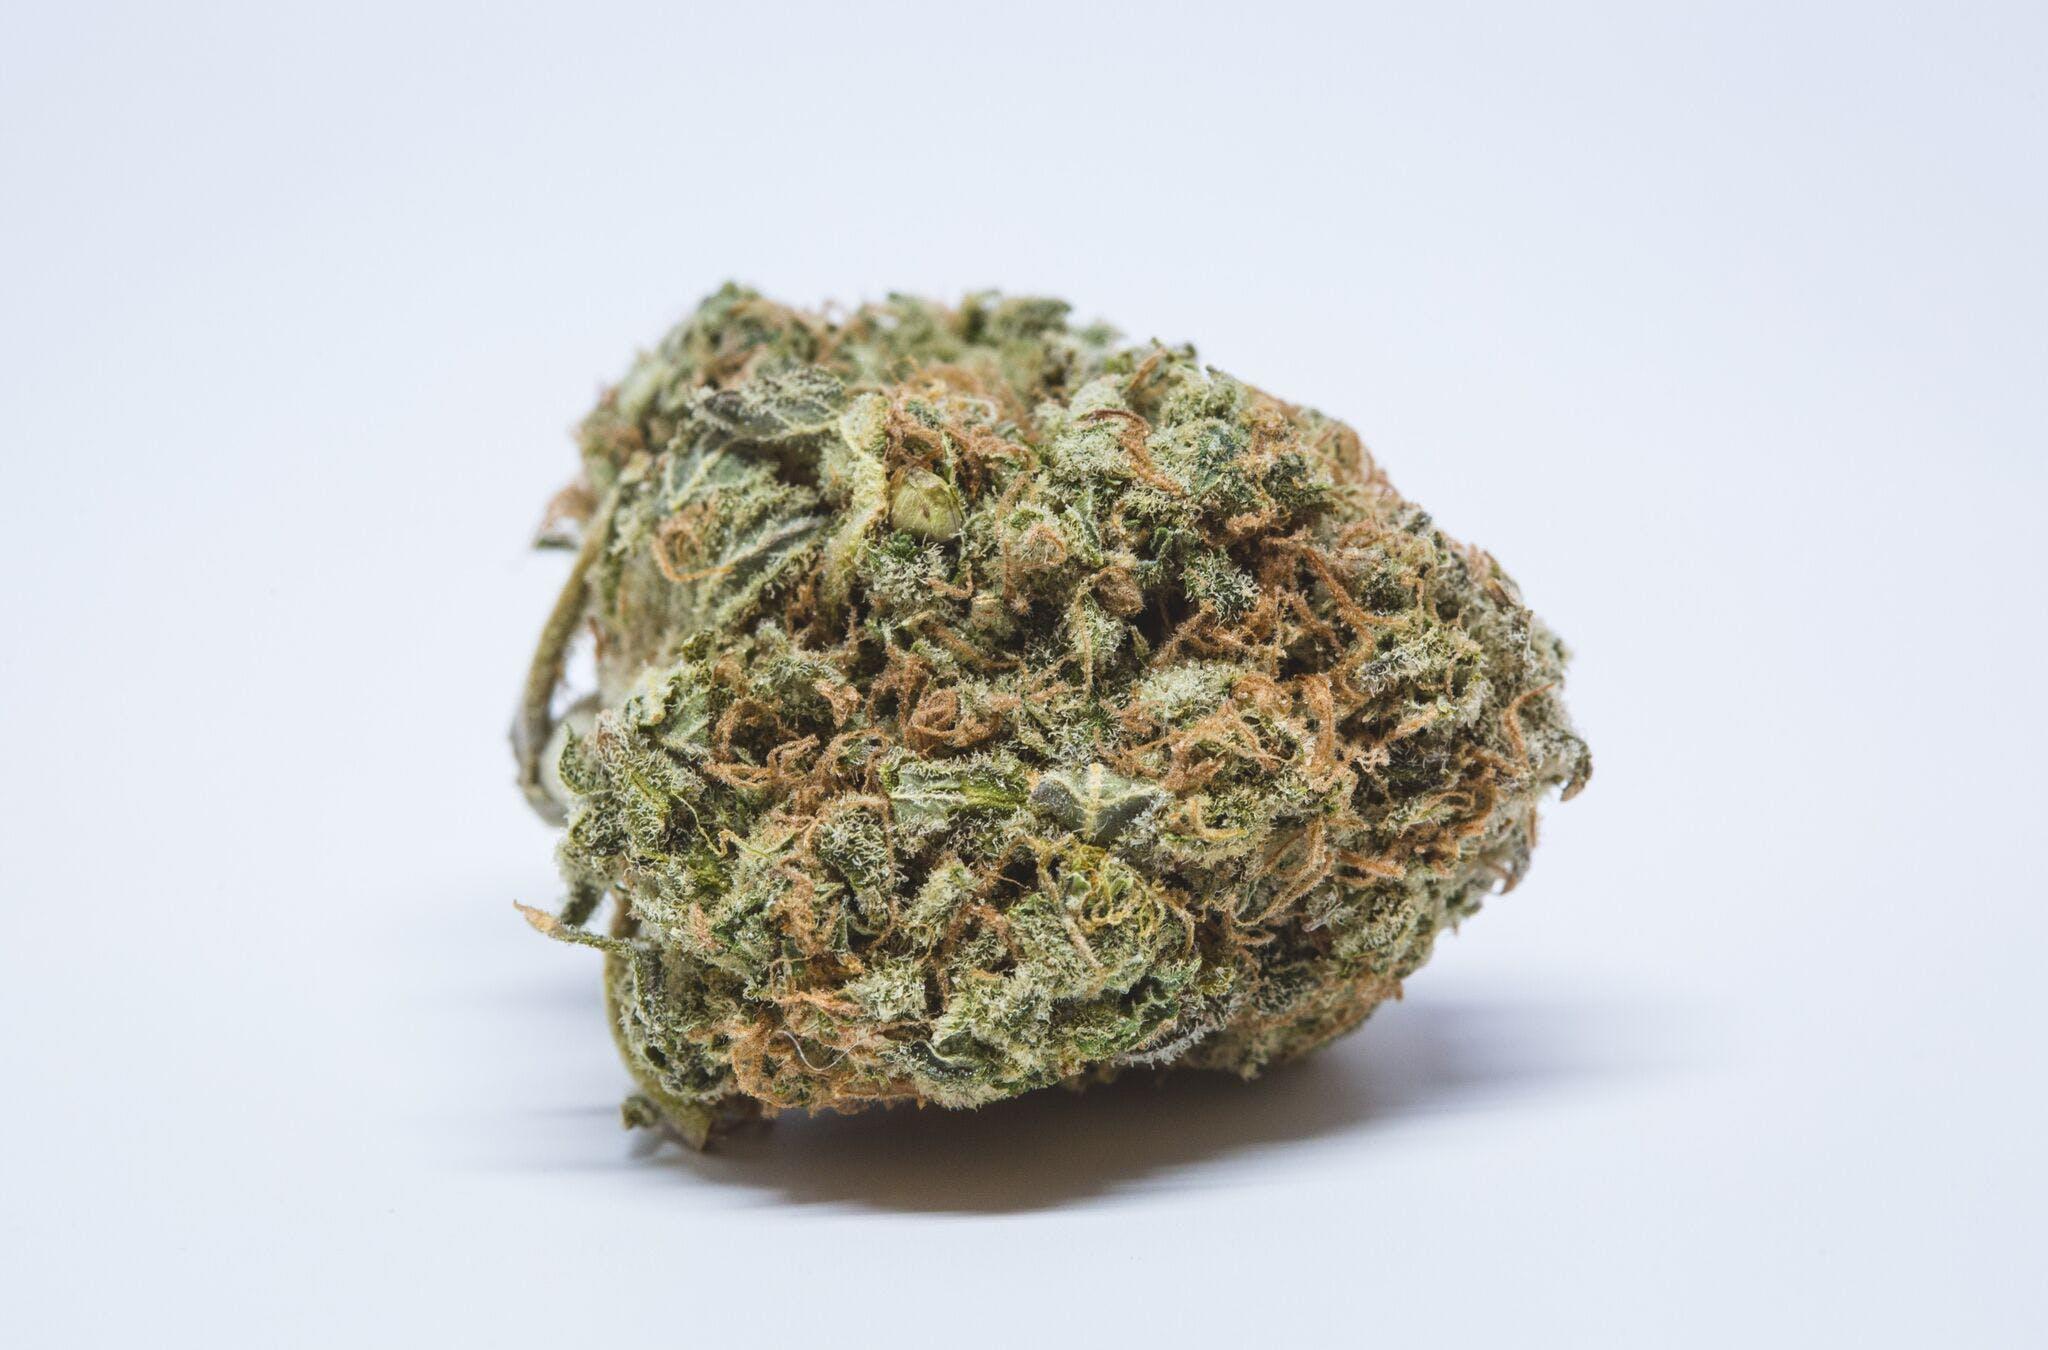 Larry OG Weed; Larry OG Cannabis Strain; Larry OG Hybrid Marijuana Strain